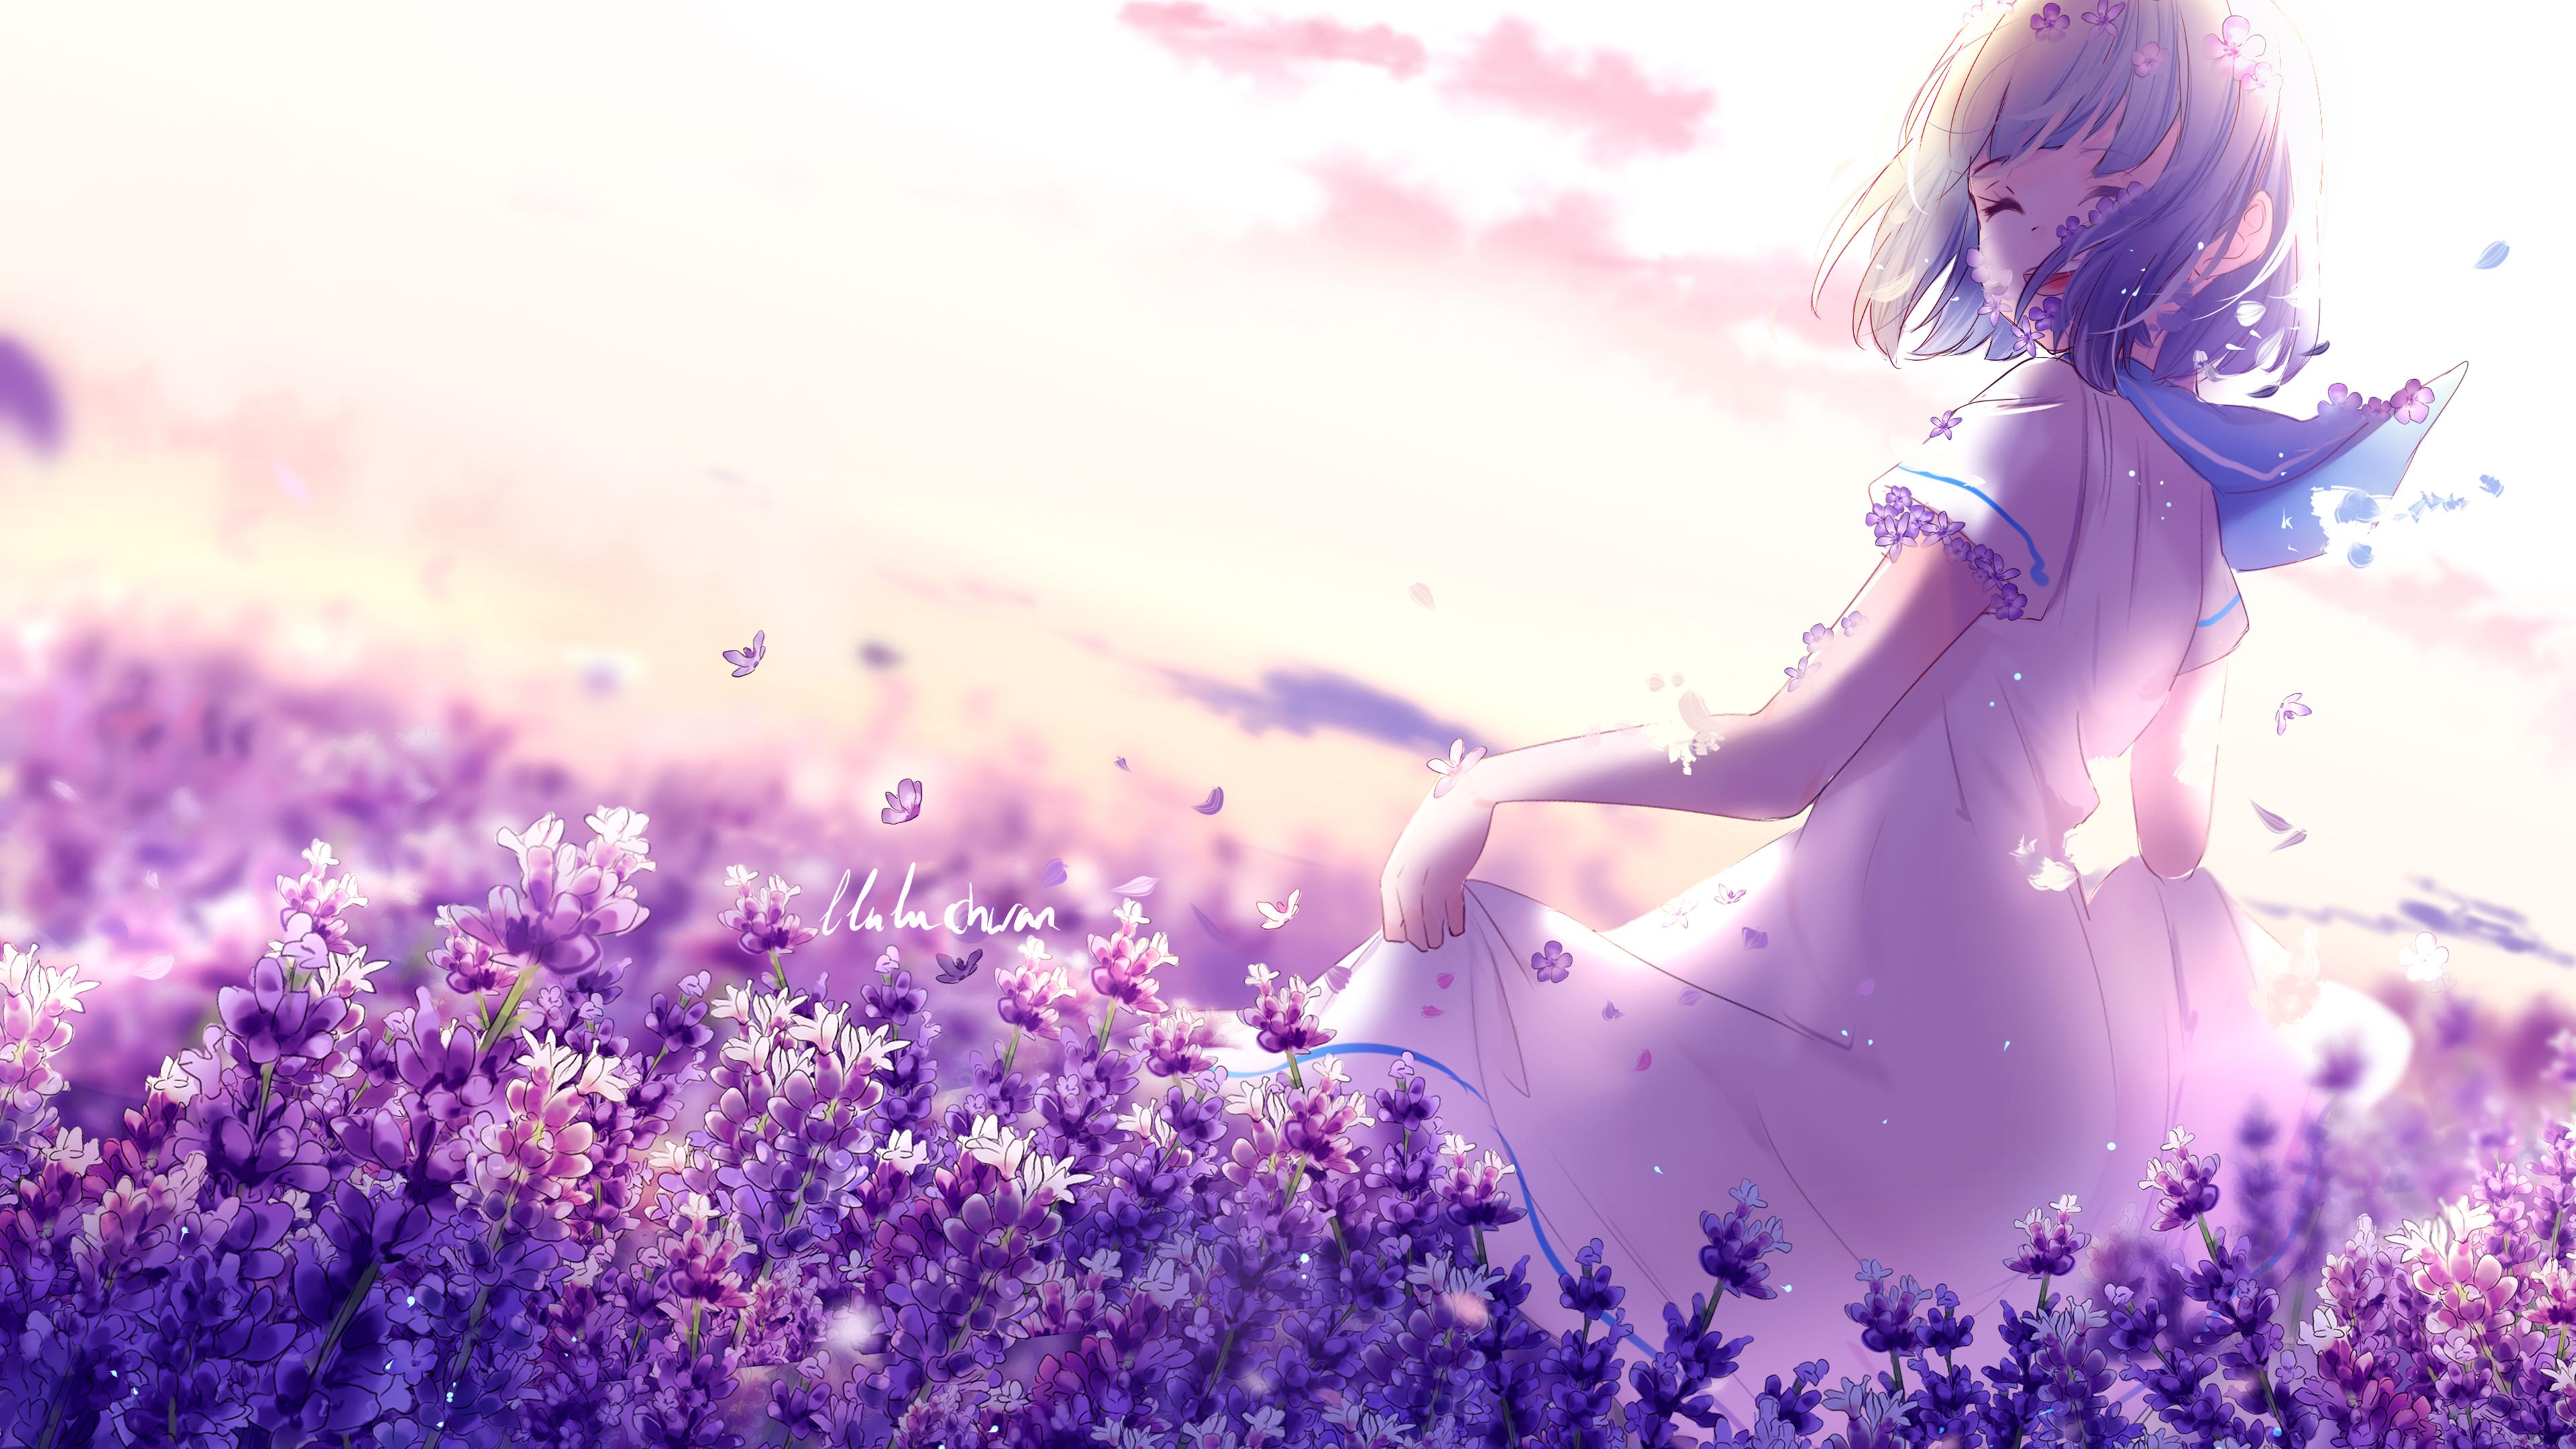 Аниме девушка лаванда фиолетовые цветы обои скачать